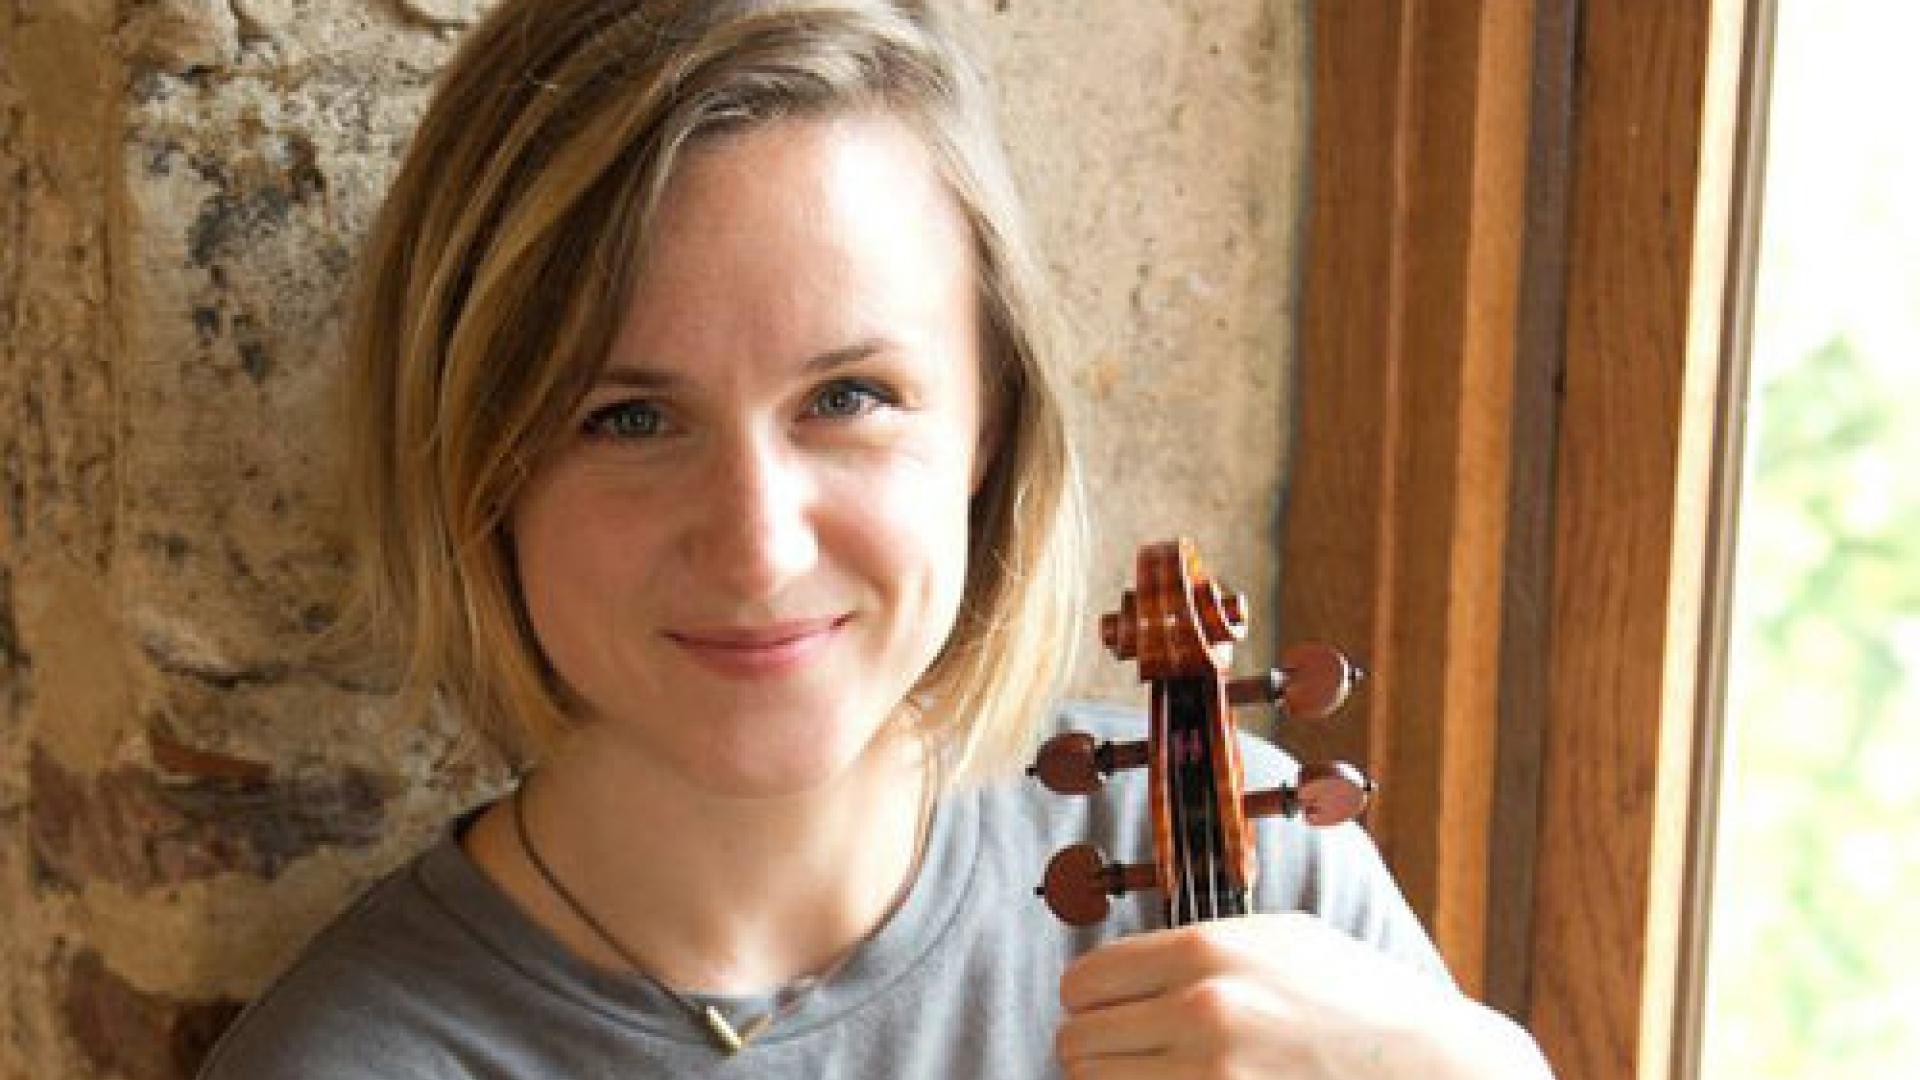 A closeup photograph of Naomi Burrell holding a violin